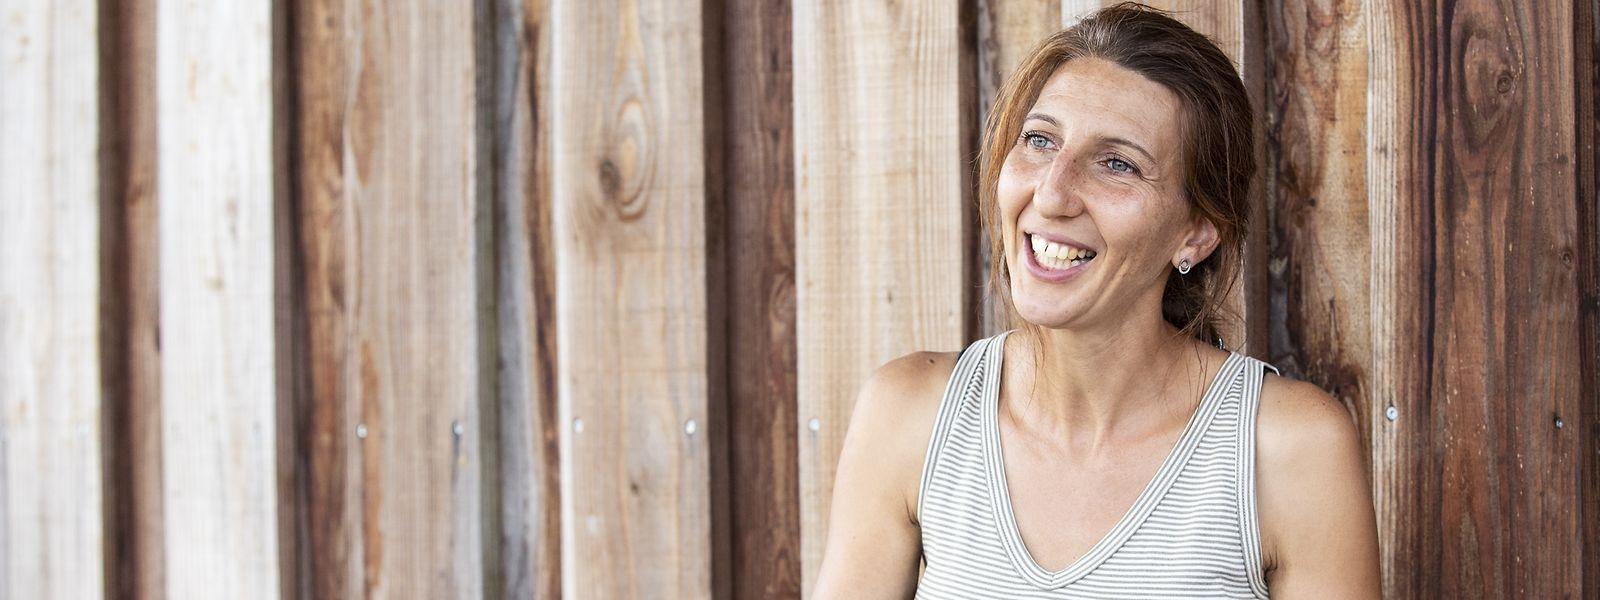 Sabrina Zumbo versorgt seit 2014 die Differdinger Maison relais mit Biogemüse, das sie in Differdingen erntet.